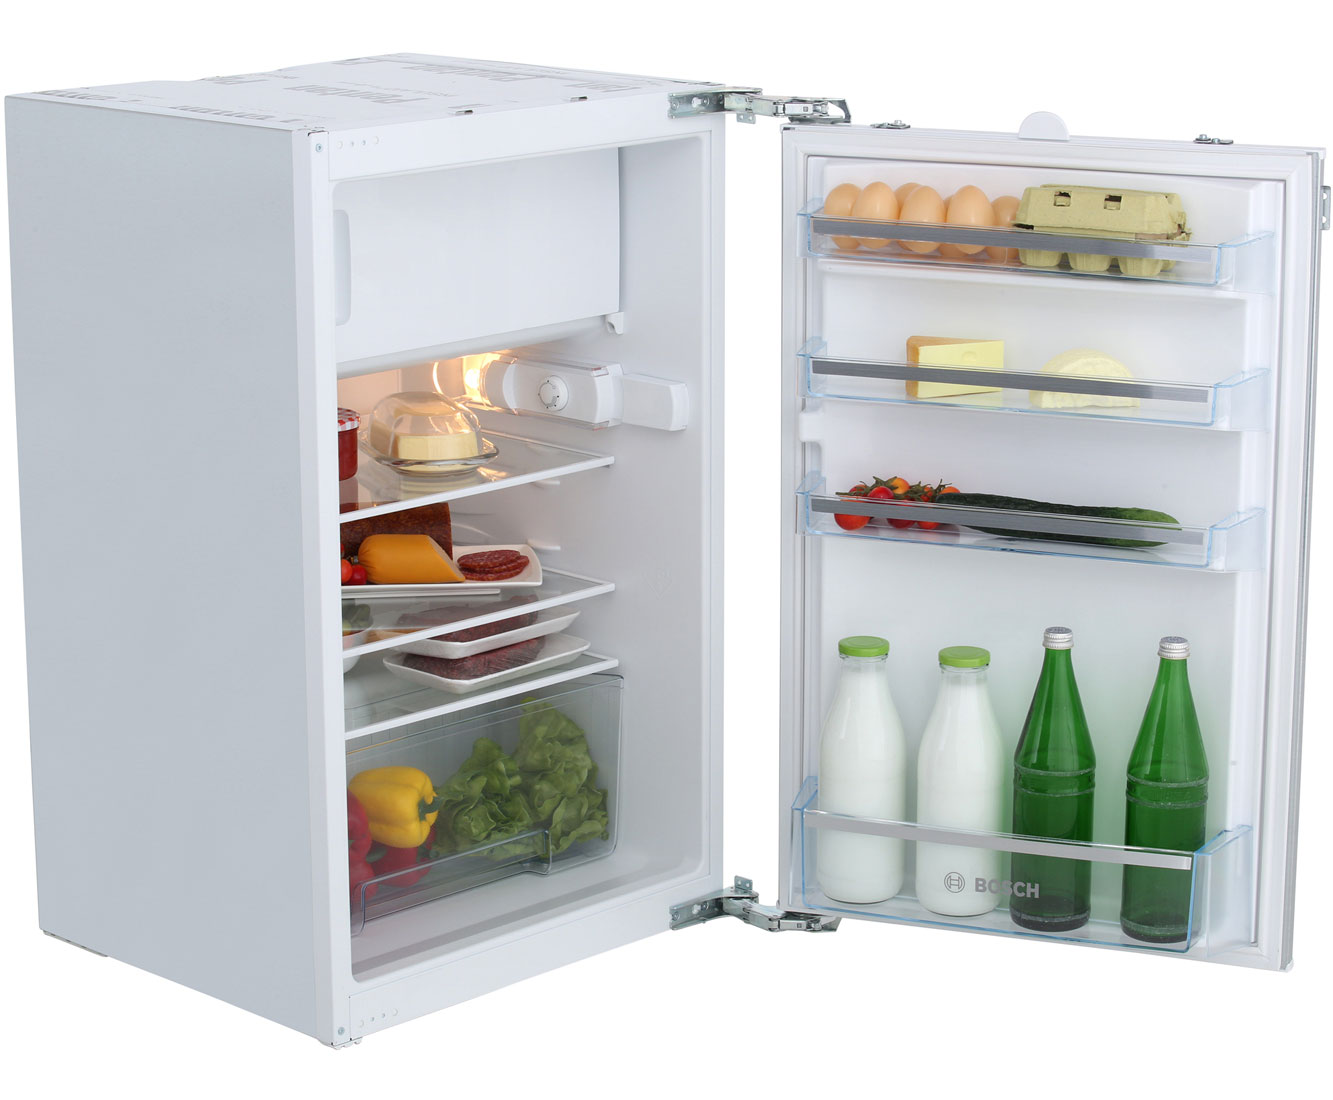 Kühlschrank Bosch Oder Bauknecht : Bauknecht kgdb a in ab u ac preisvergleich bei idealo